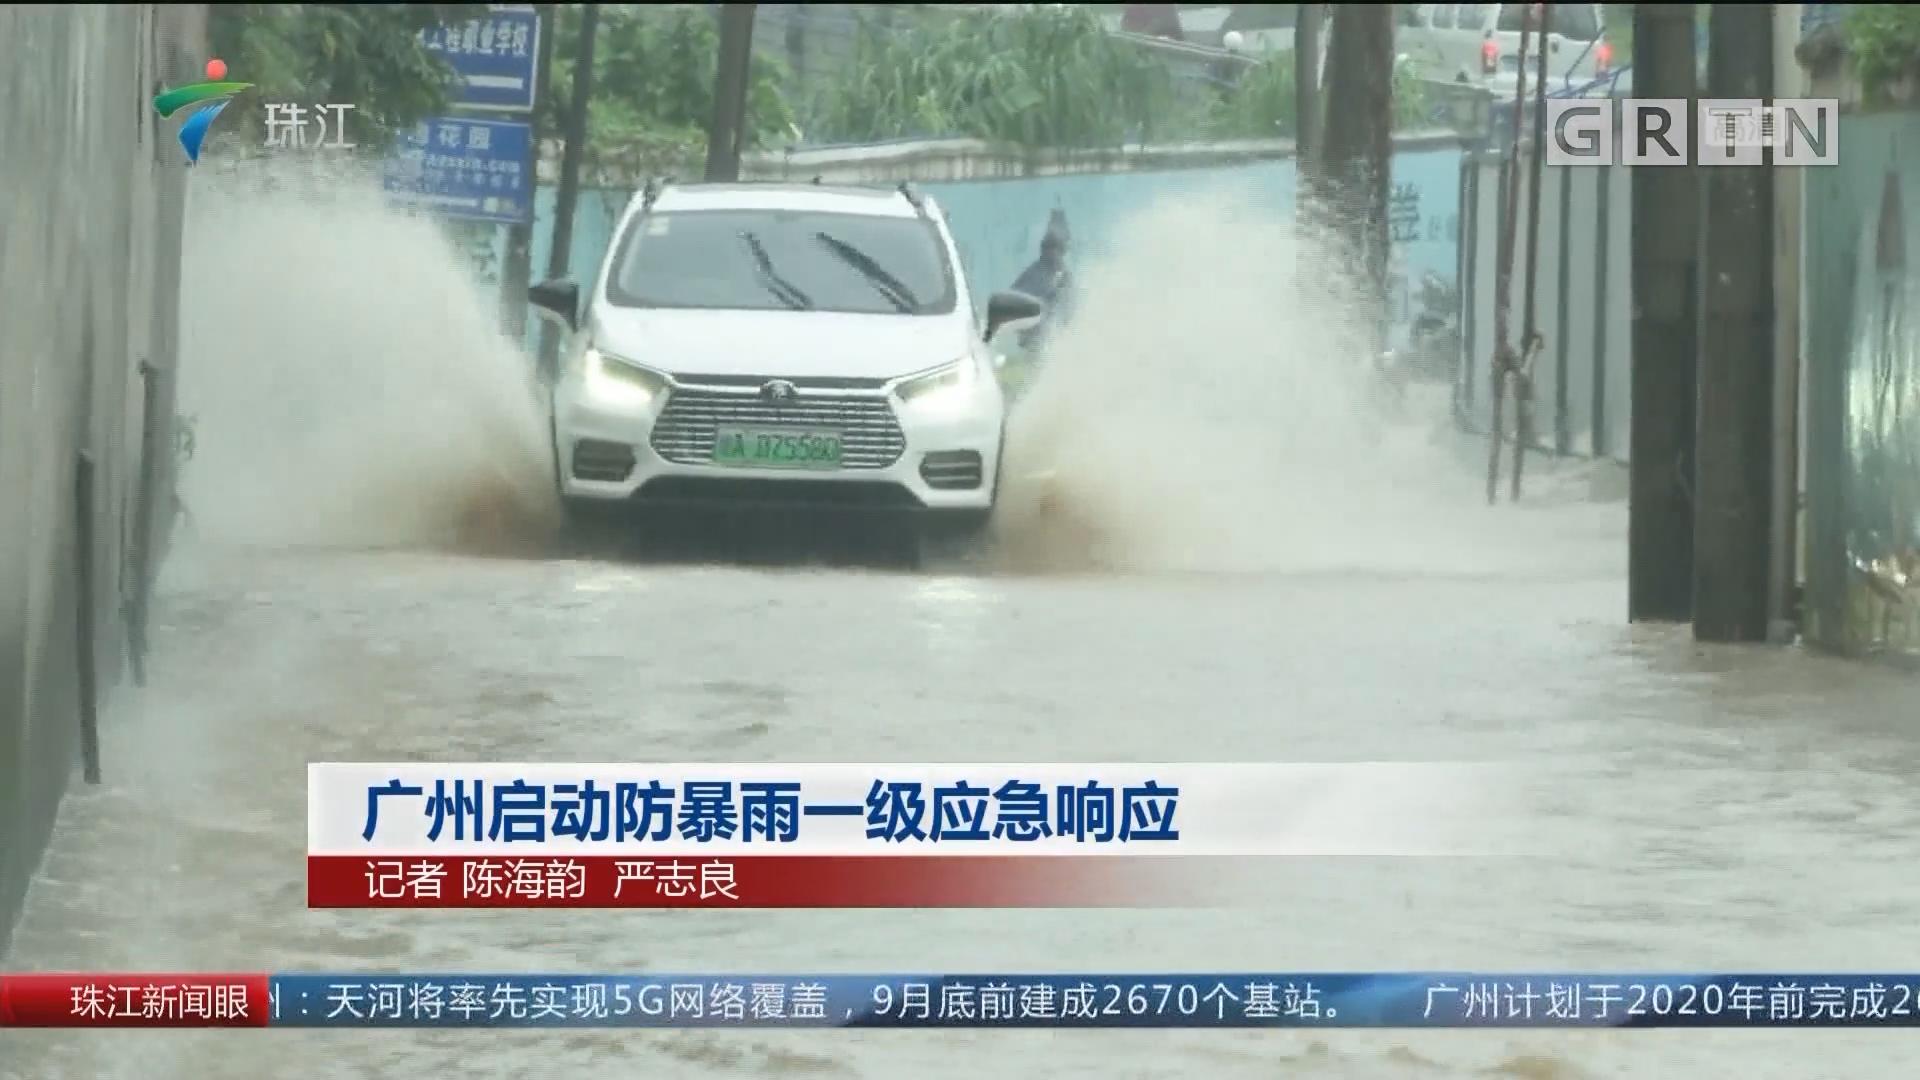 广州启动防暴雨一级应急响应